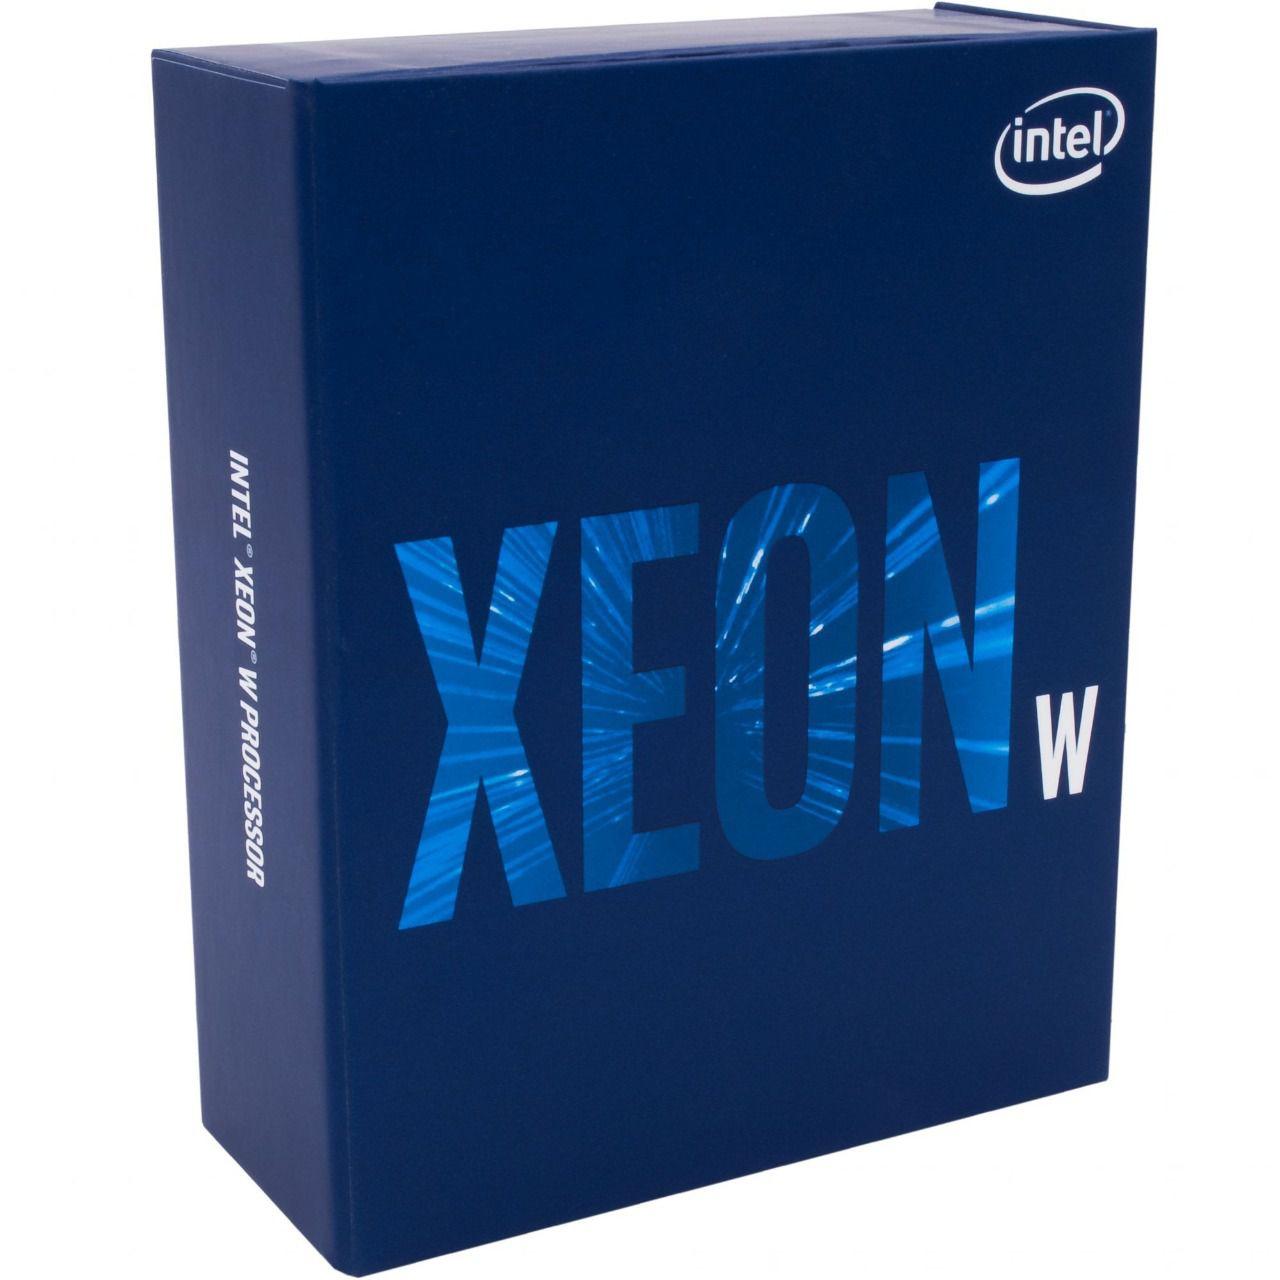 LLega el nuevo procesador Xeon W-3175X de Intel | Imagenacion